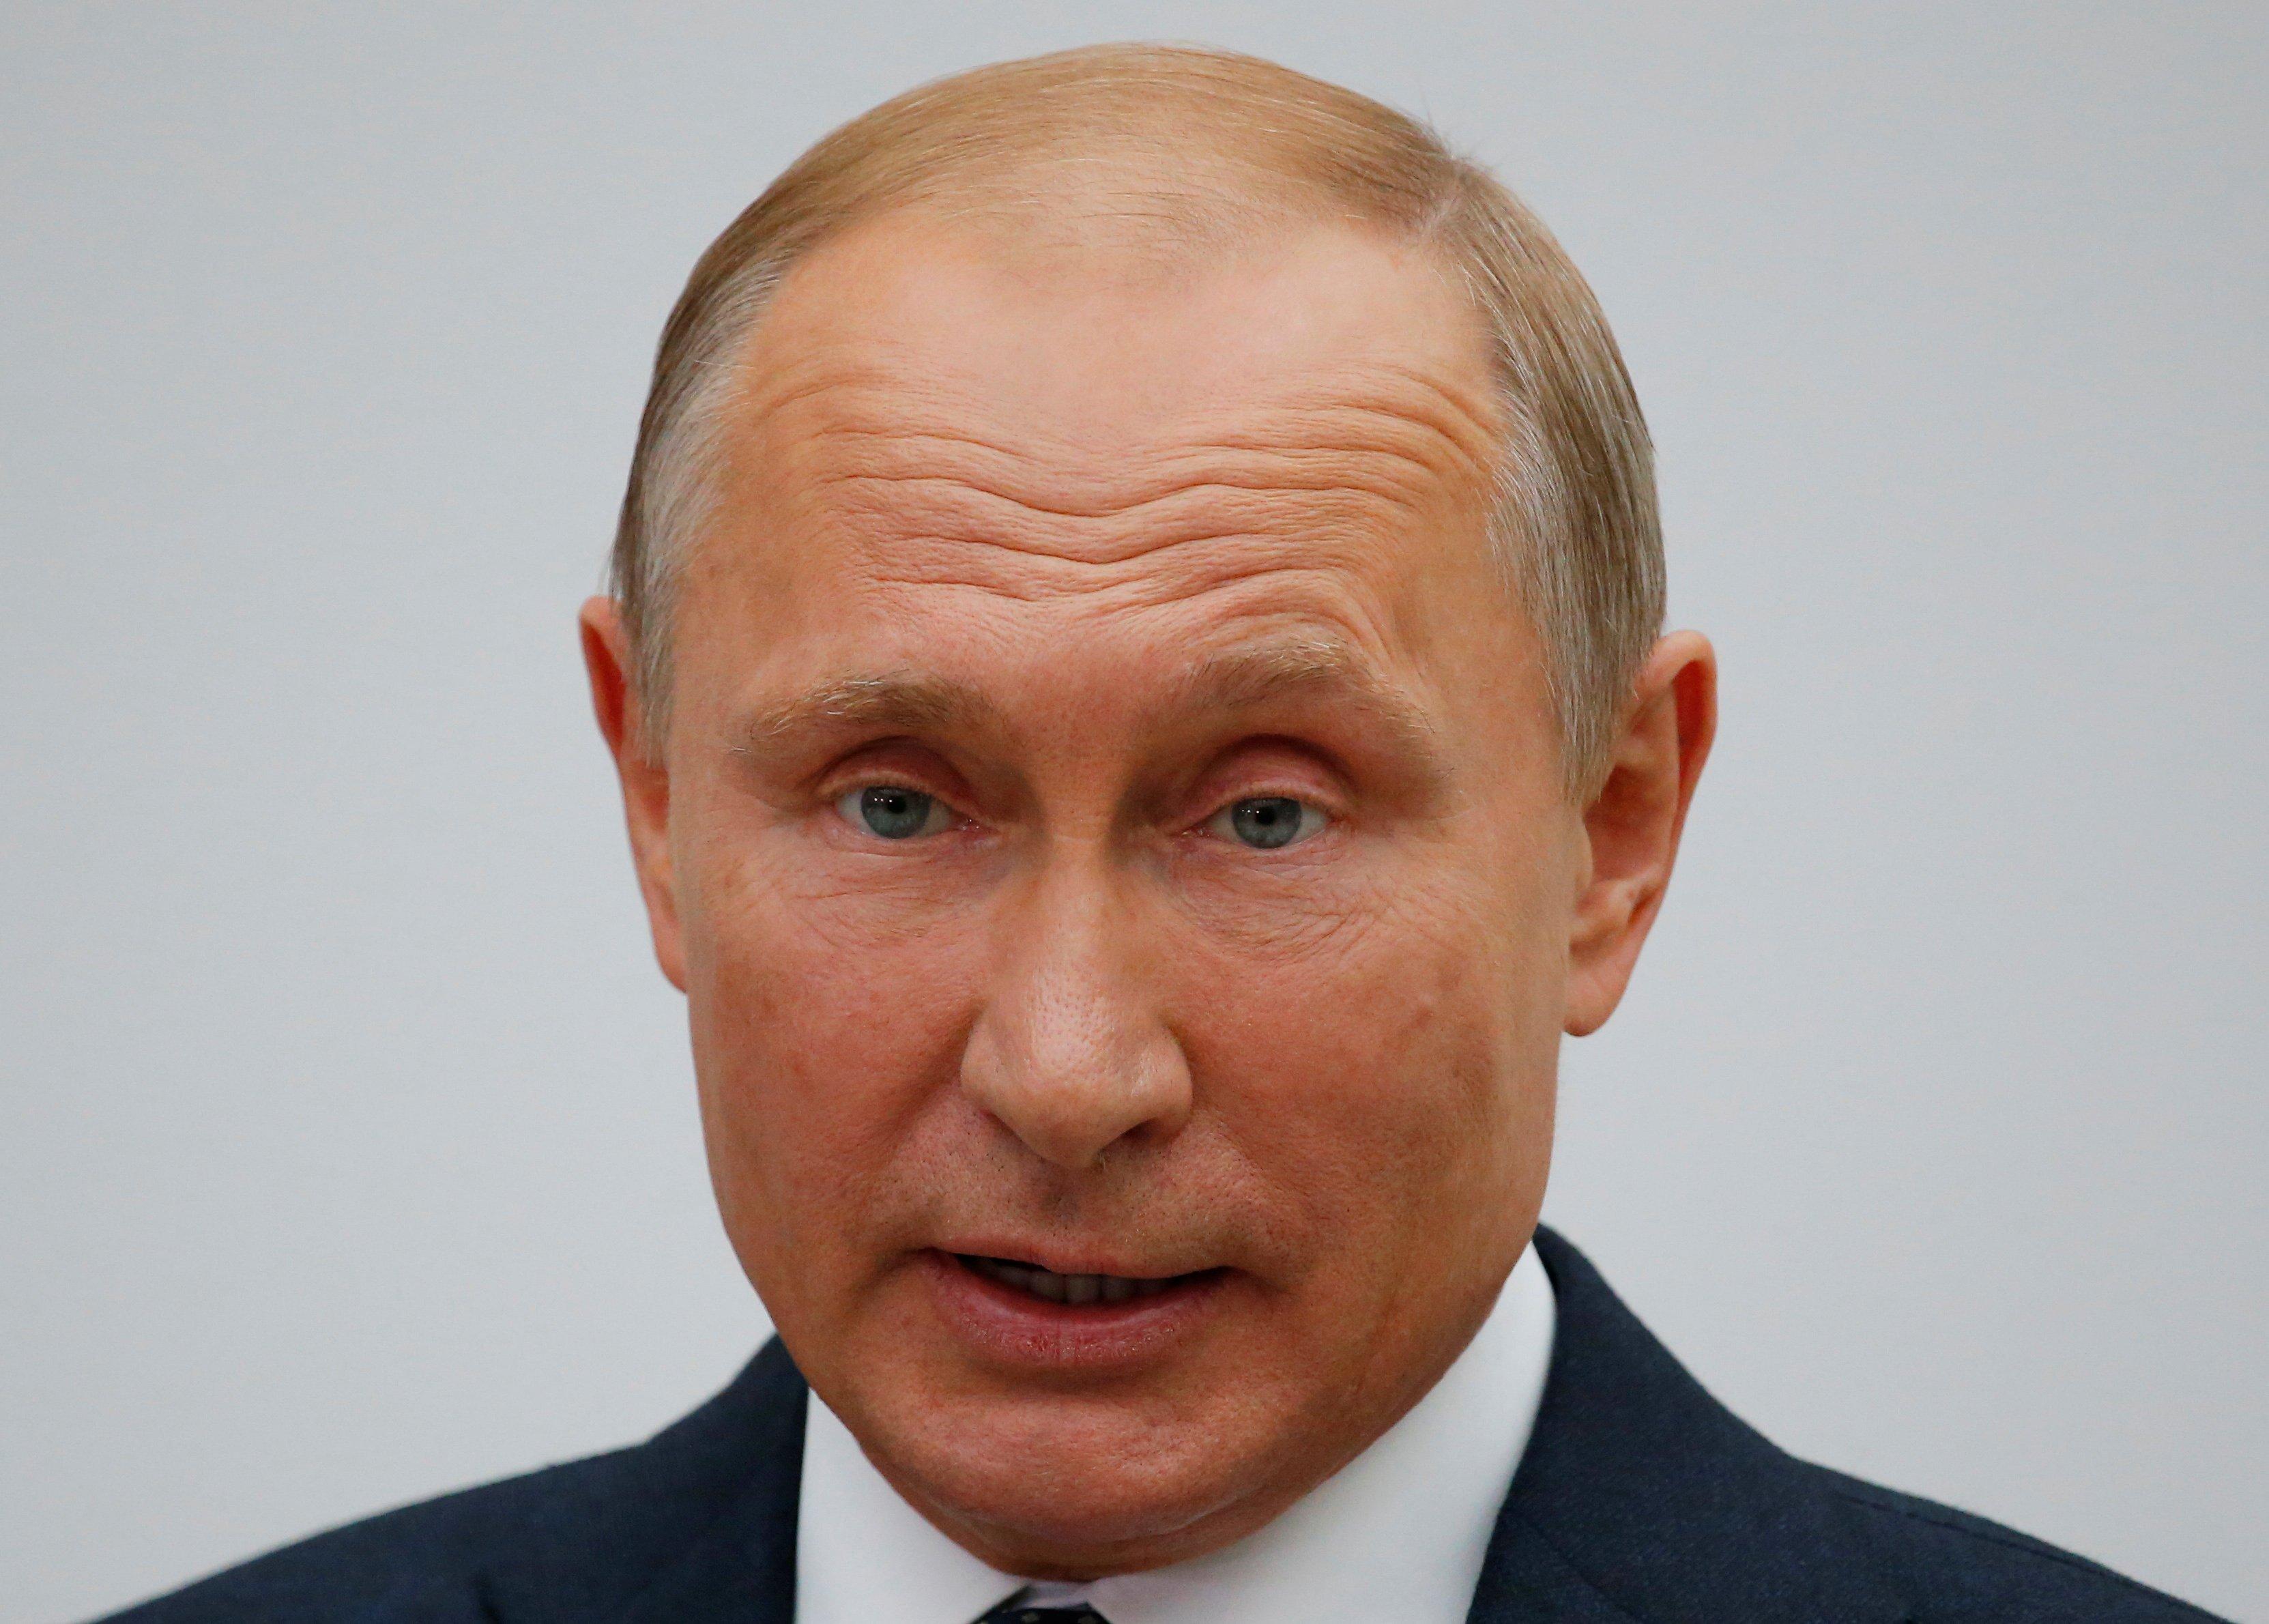 Павел Жебривский: Владимир Путин блокированием украинских судов в Азовском море хочет надавить на Украину и получить воду для Крыма